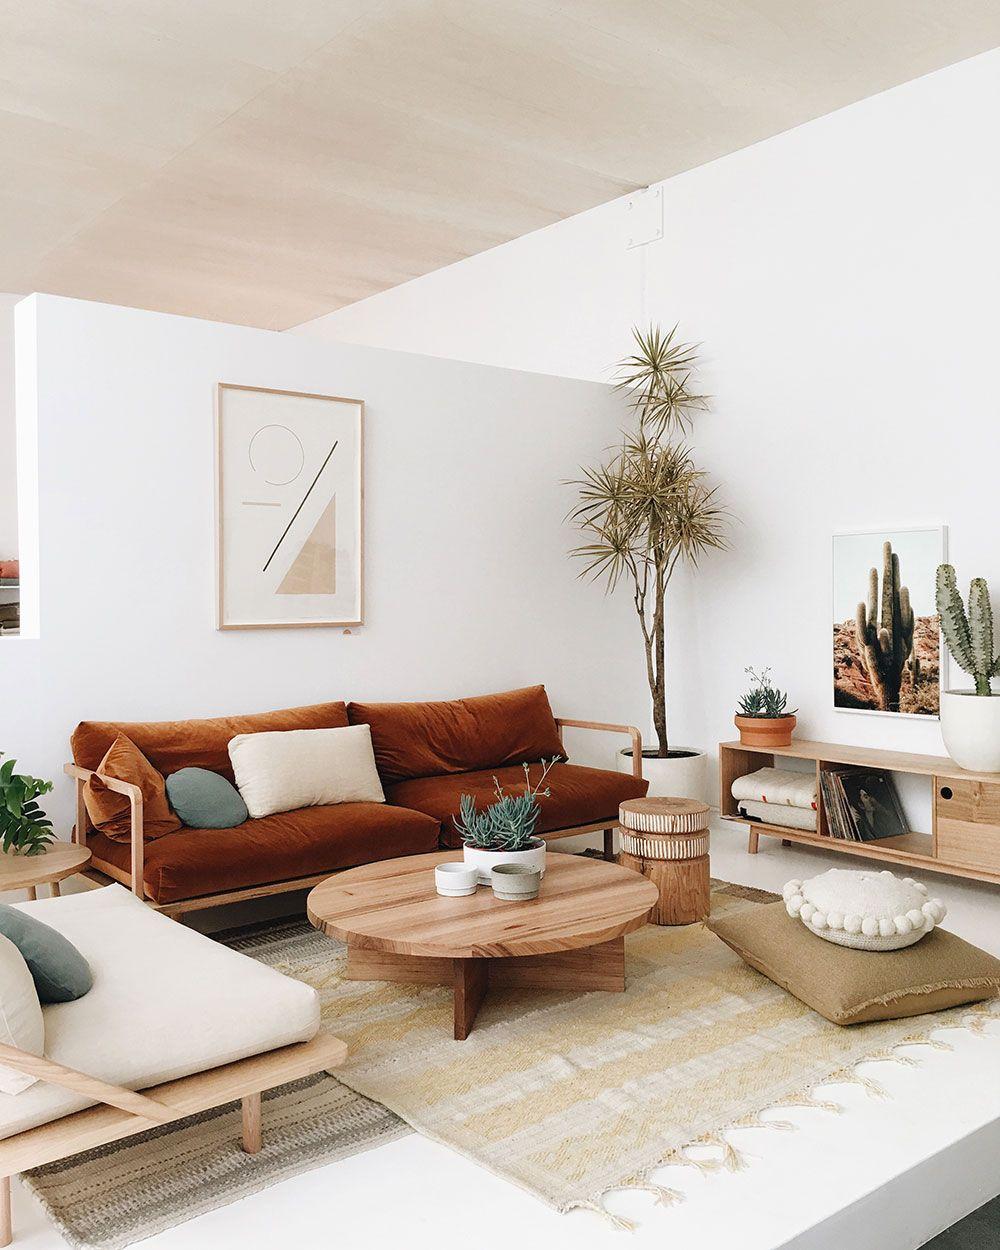 natural living room decor. / sfgirlbybay | // H Ö M E | Pinterest ...